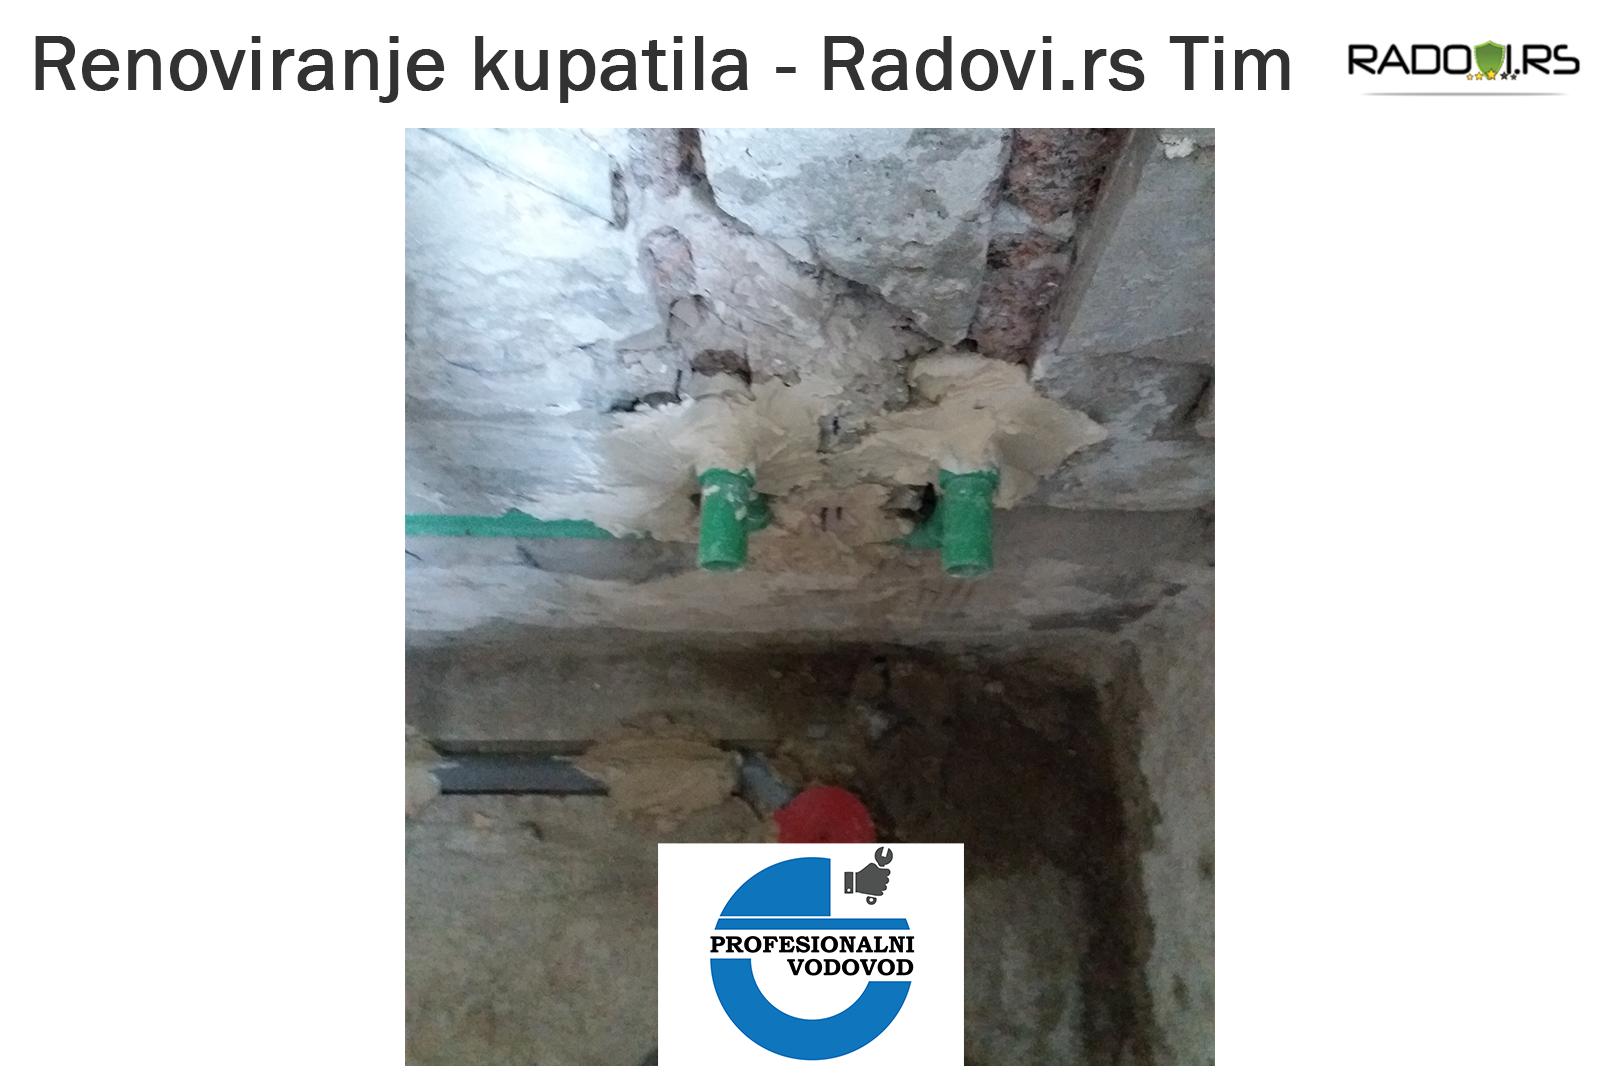 Renoviranje kupatila - tokom radova - Radovi.rs Tim